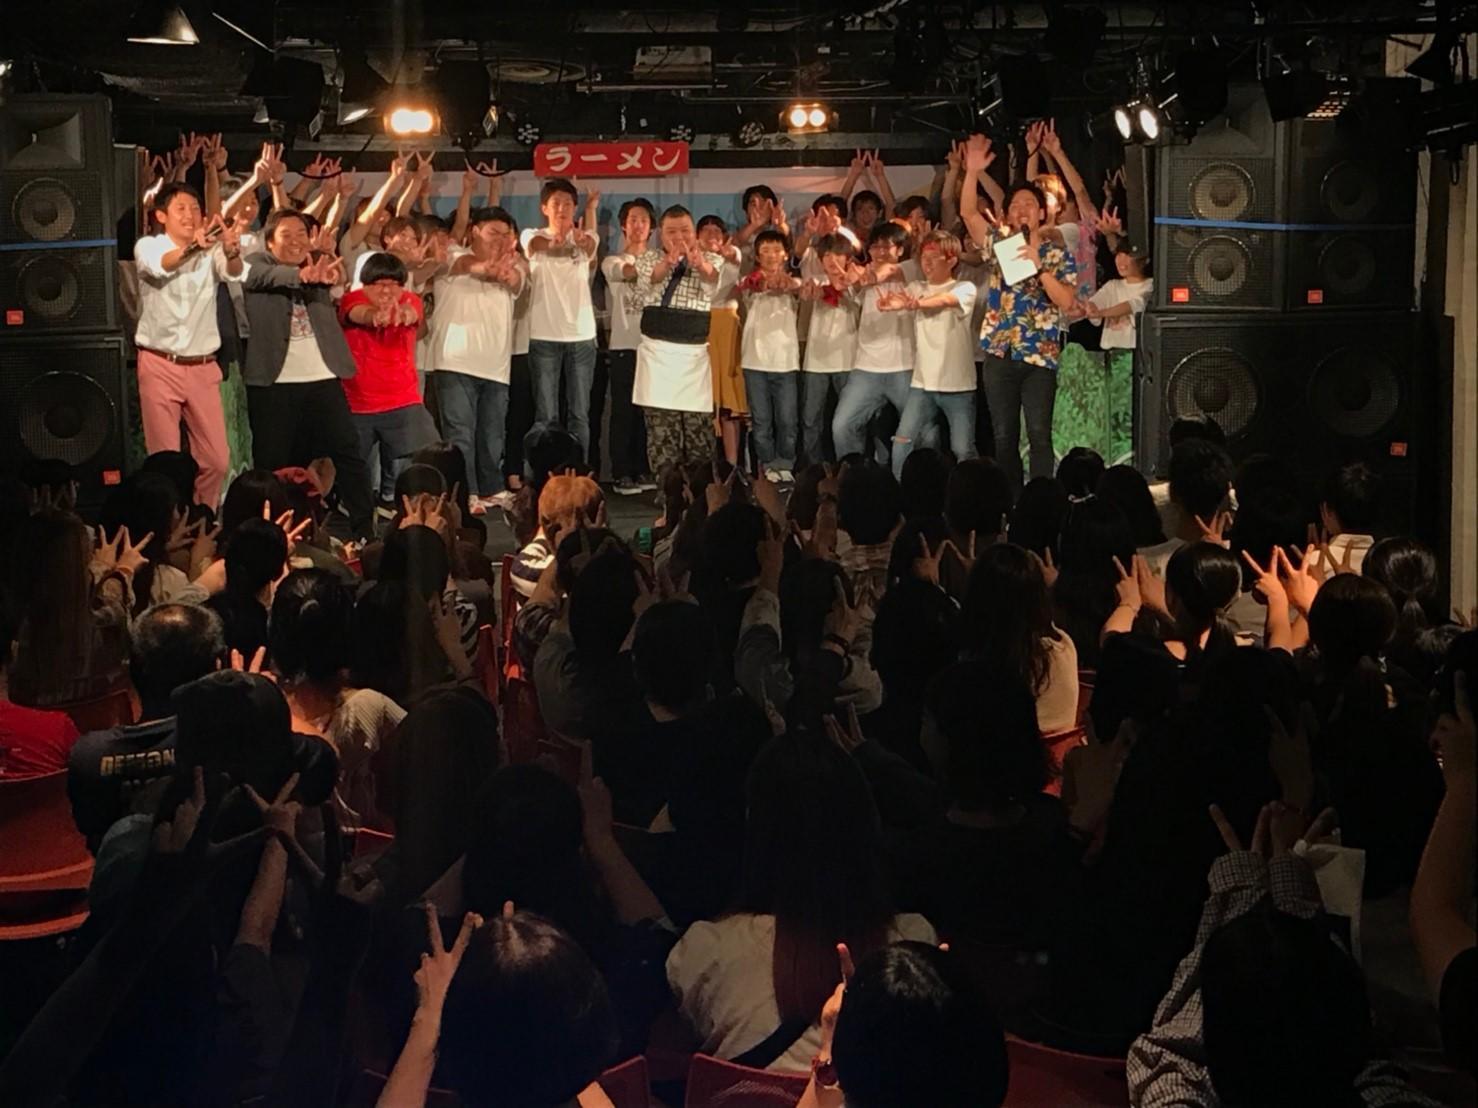 http://news.yoshimoto.co.jp/20181006175003-8aa36ac7190c9b87f7a0ba44d10001a7442d5fcf.jpg